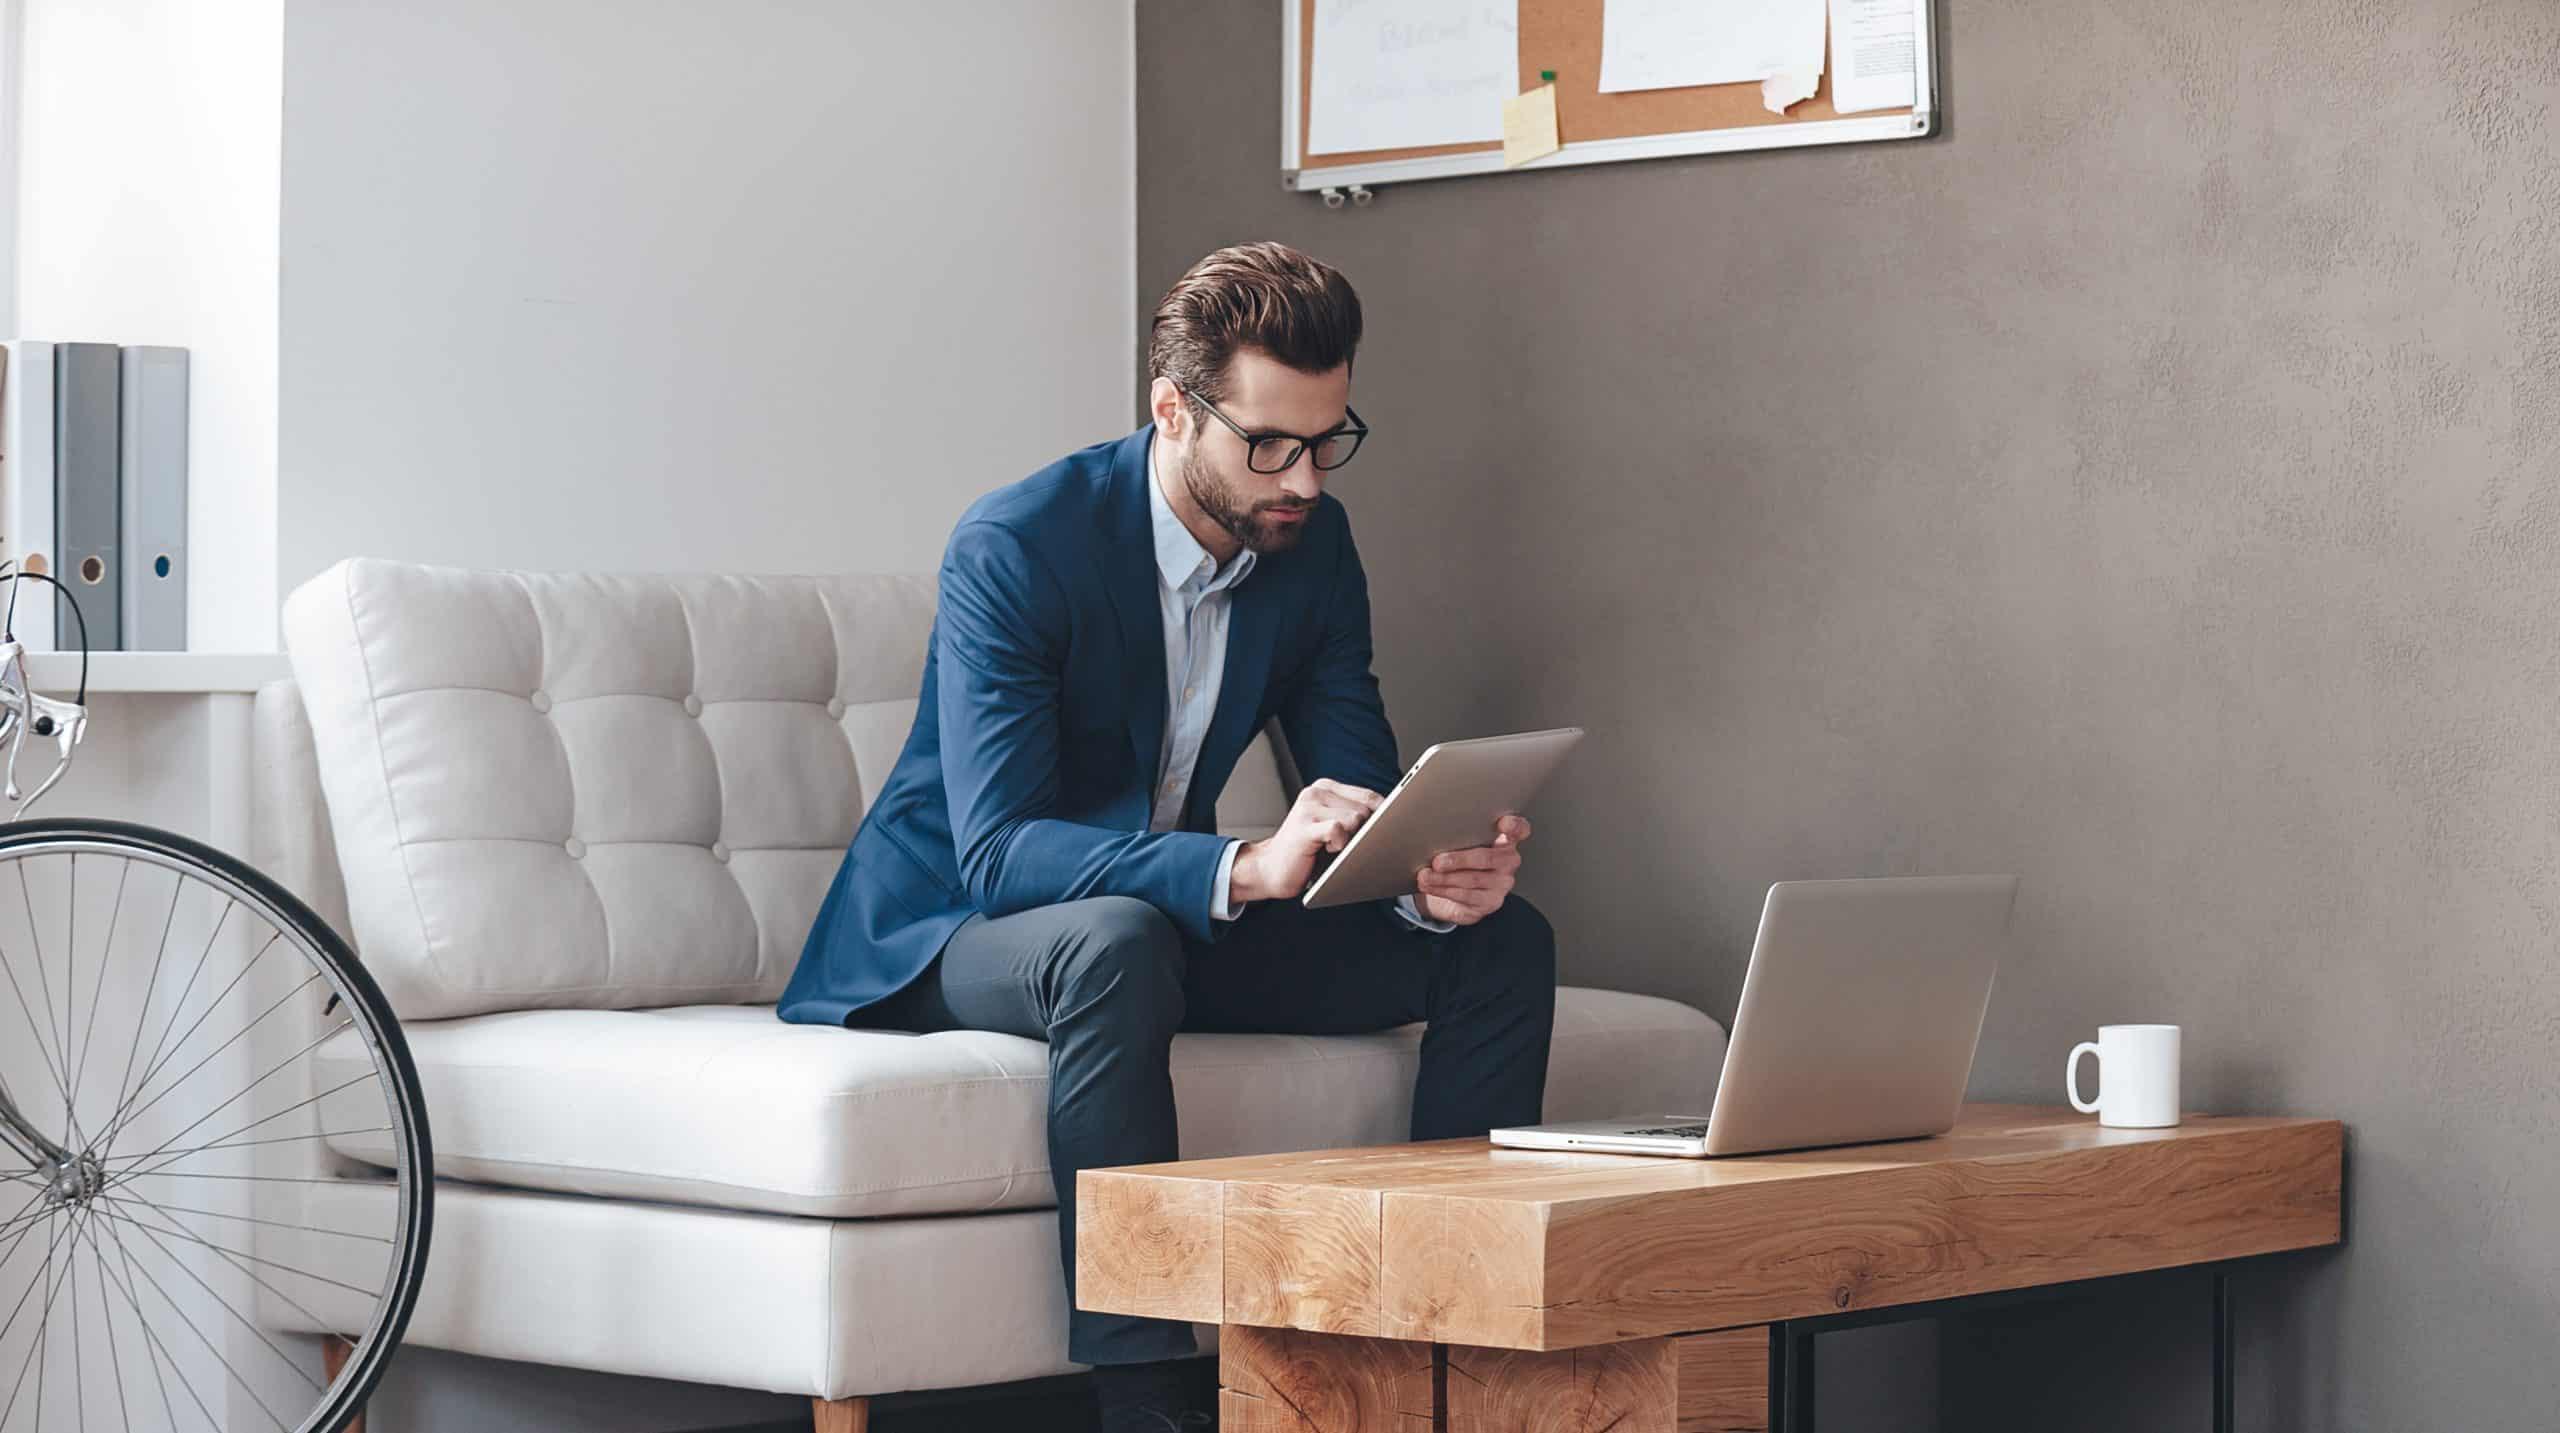 WFH: 10 Tips To Deliver Effective Online Presentation